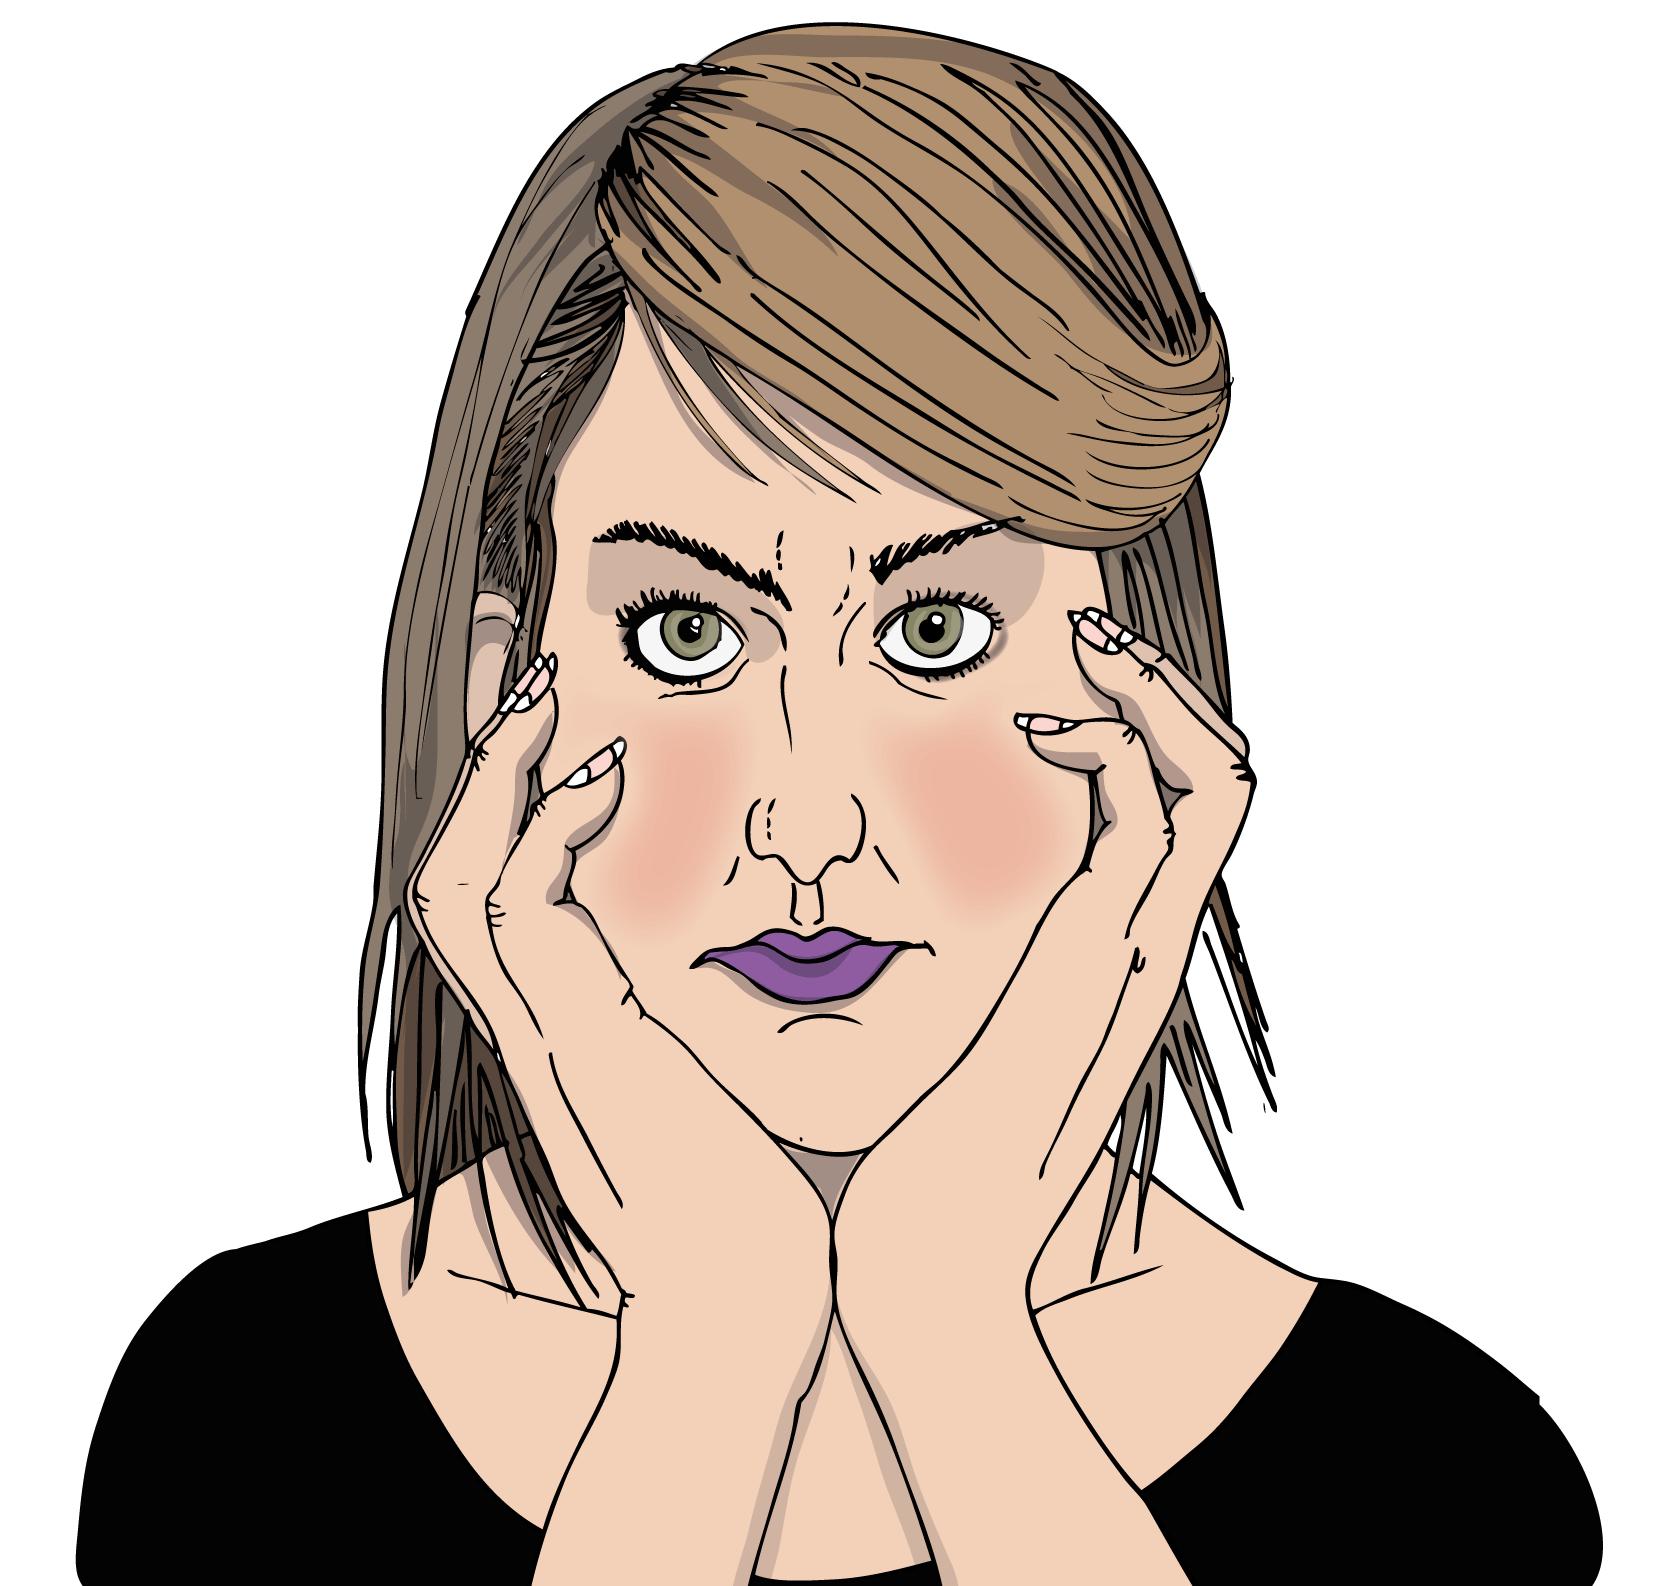 flickor sprutande på flickor ansikte het mogen anal sex